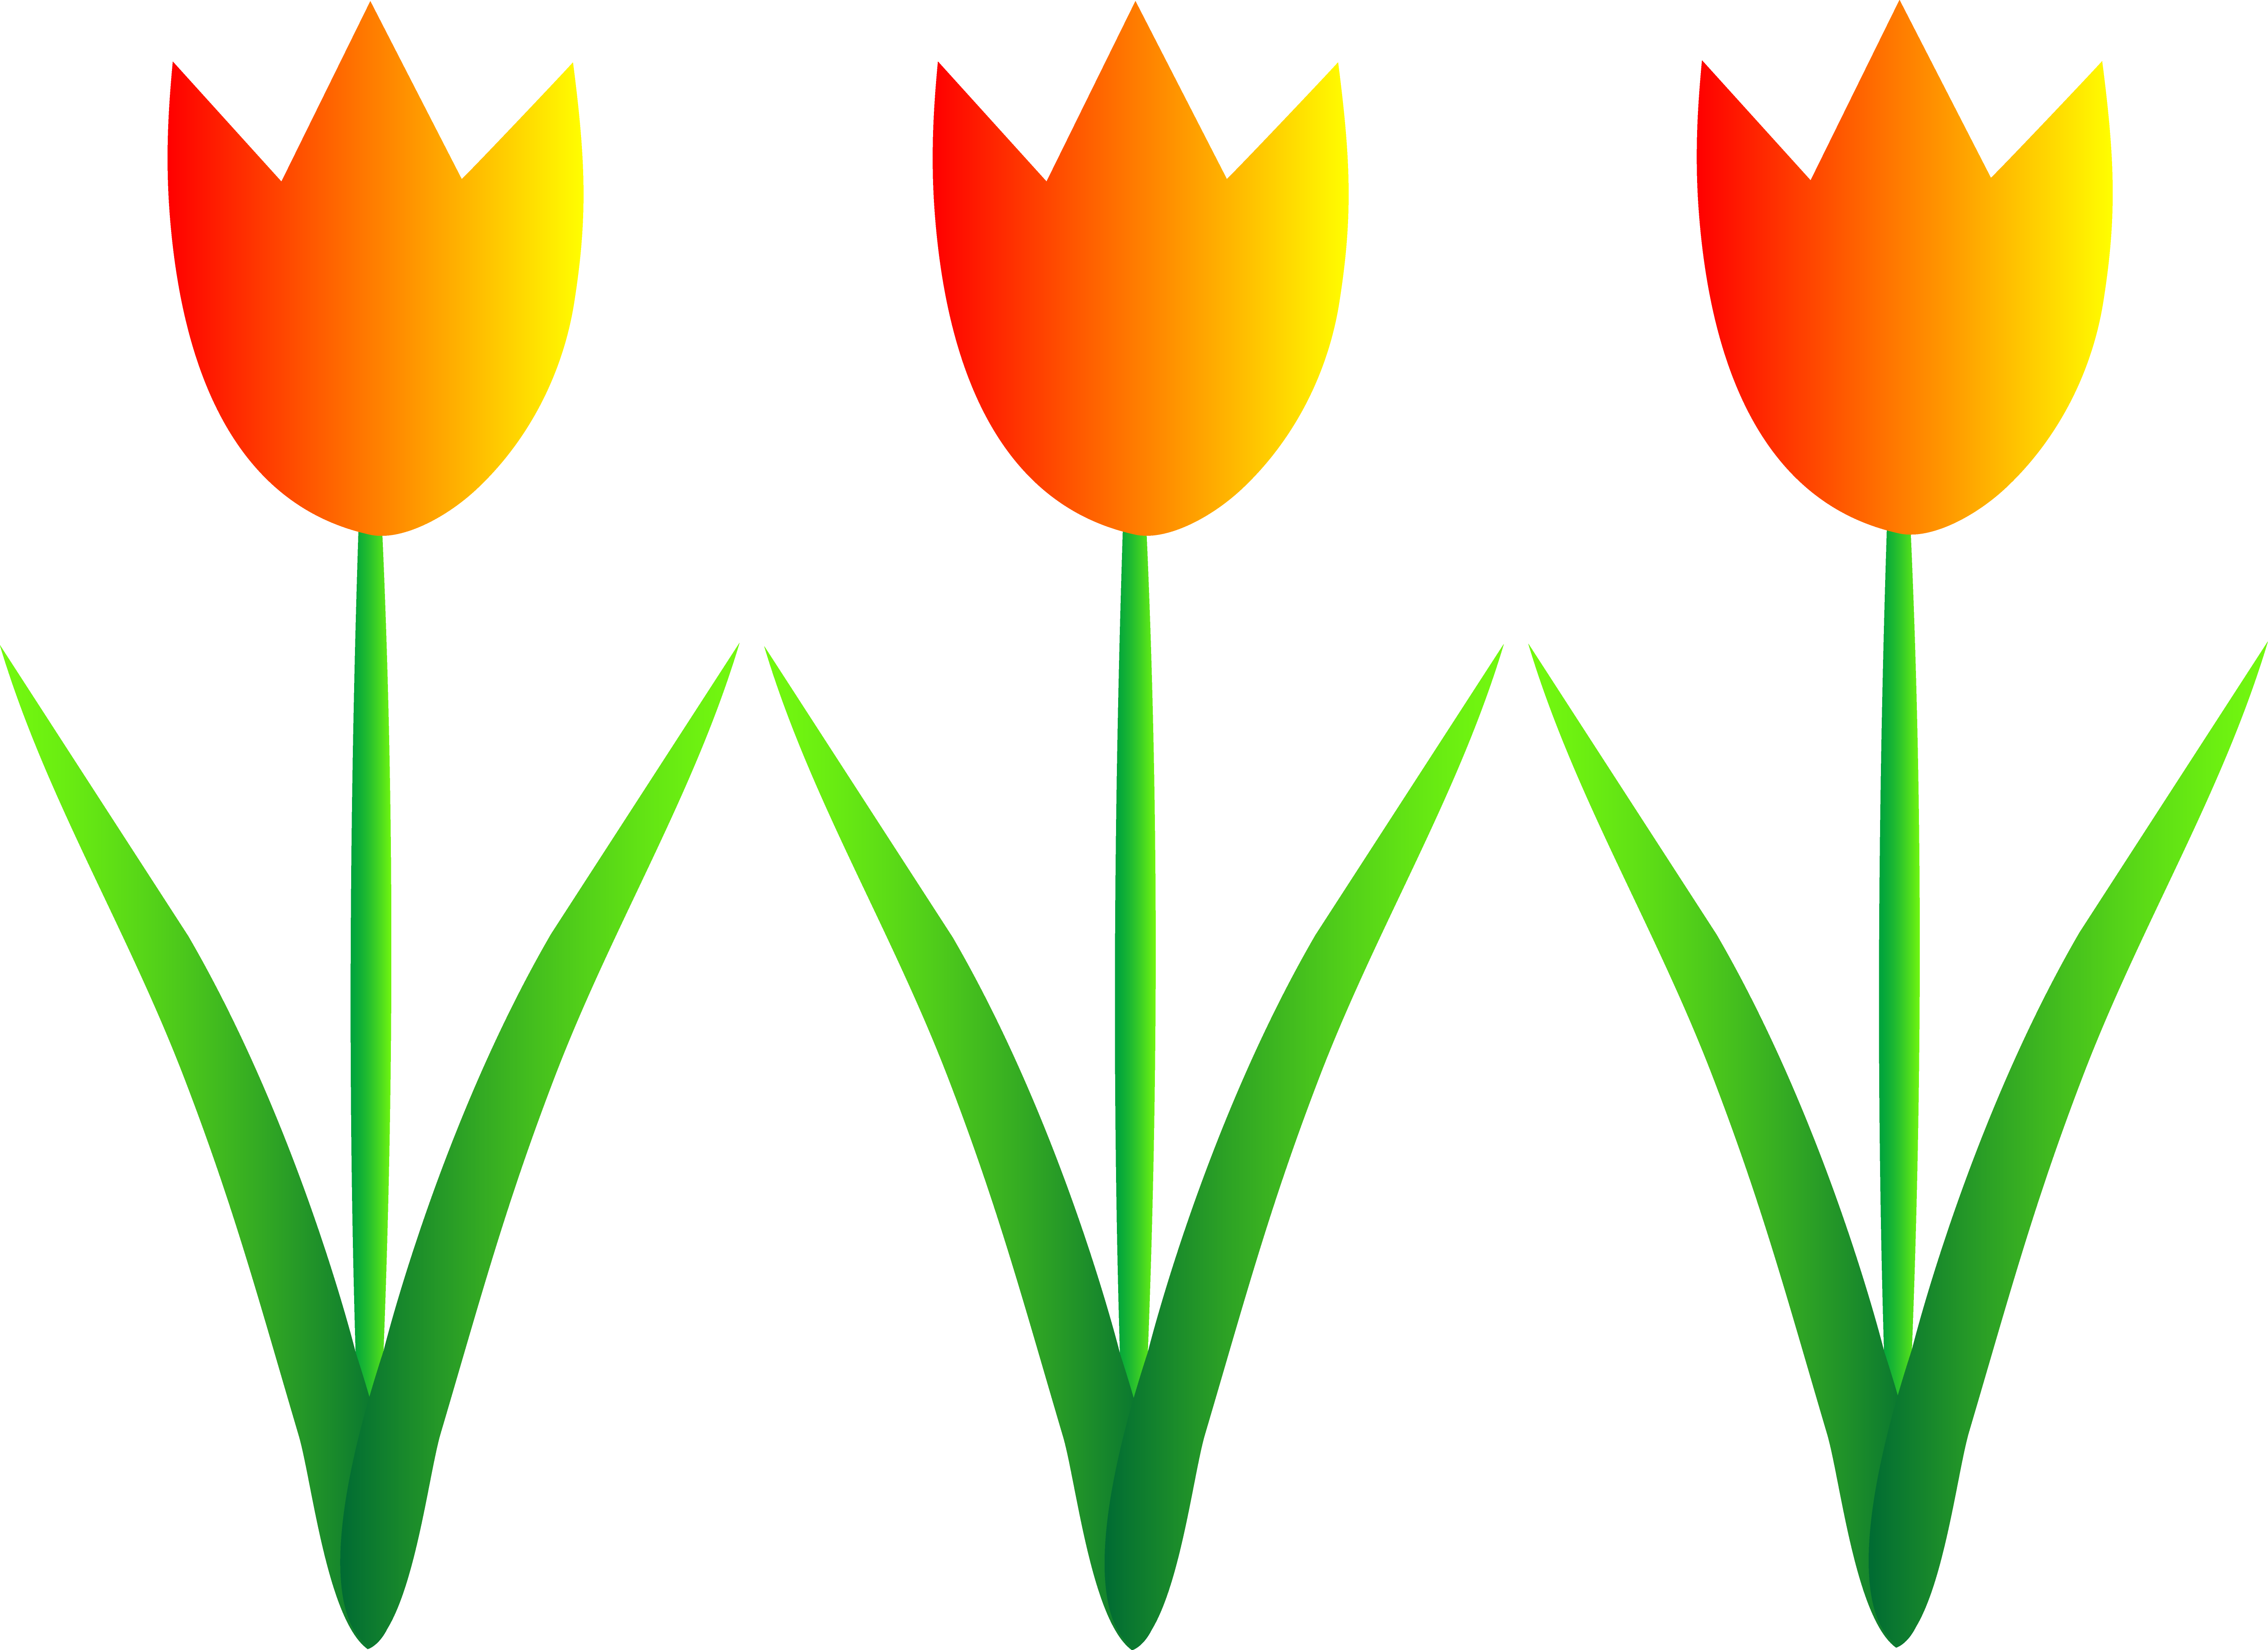 5367x3905 Grass Clipart April Flower